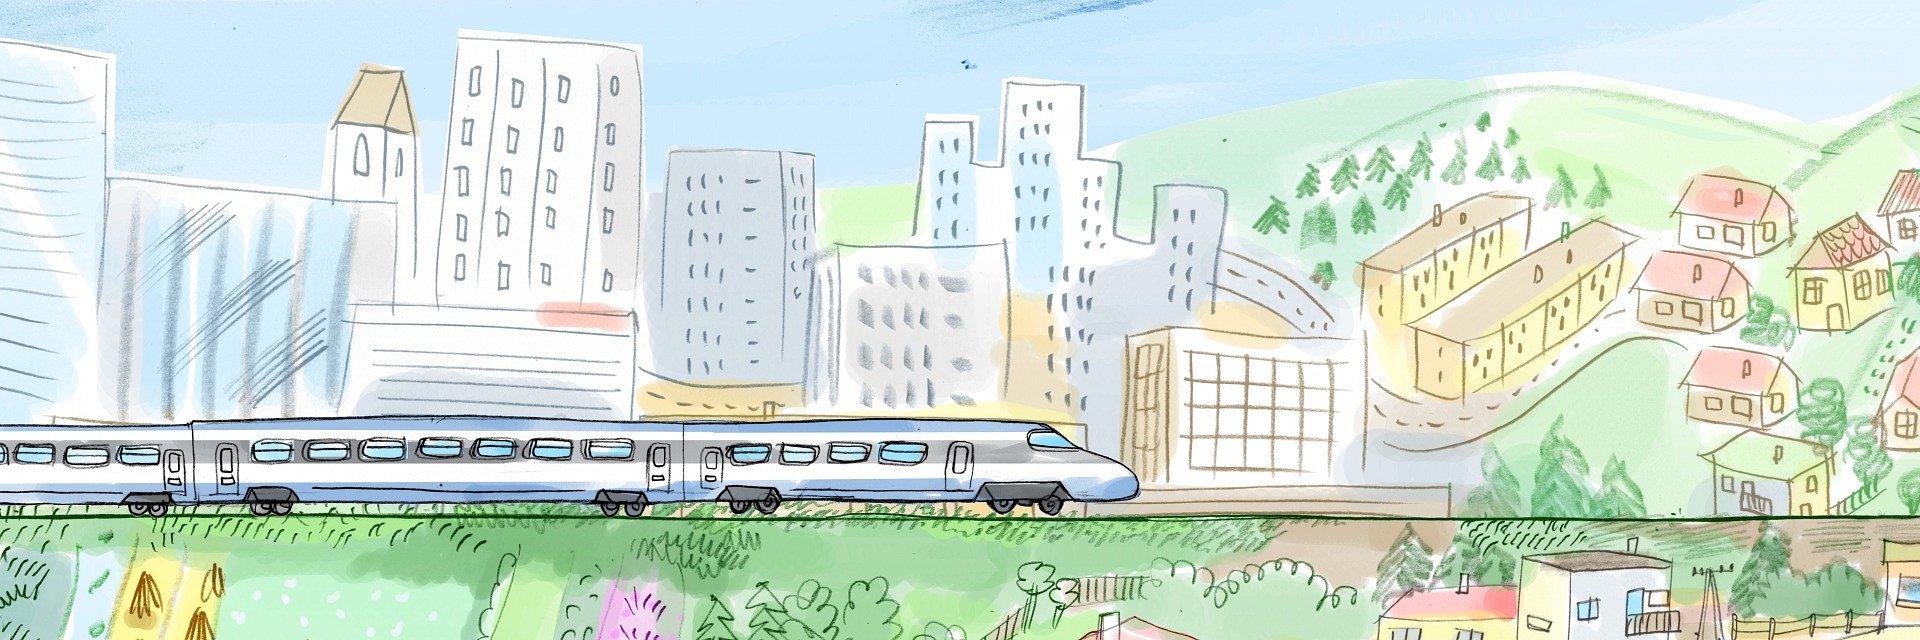 Myszka w Paski pokaże maluchom świat kolei